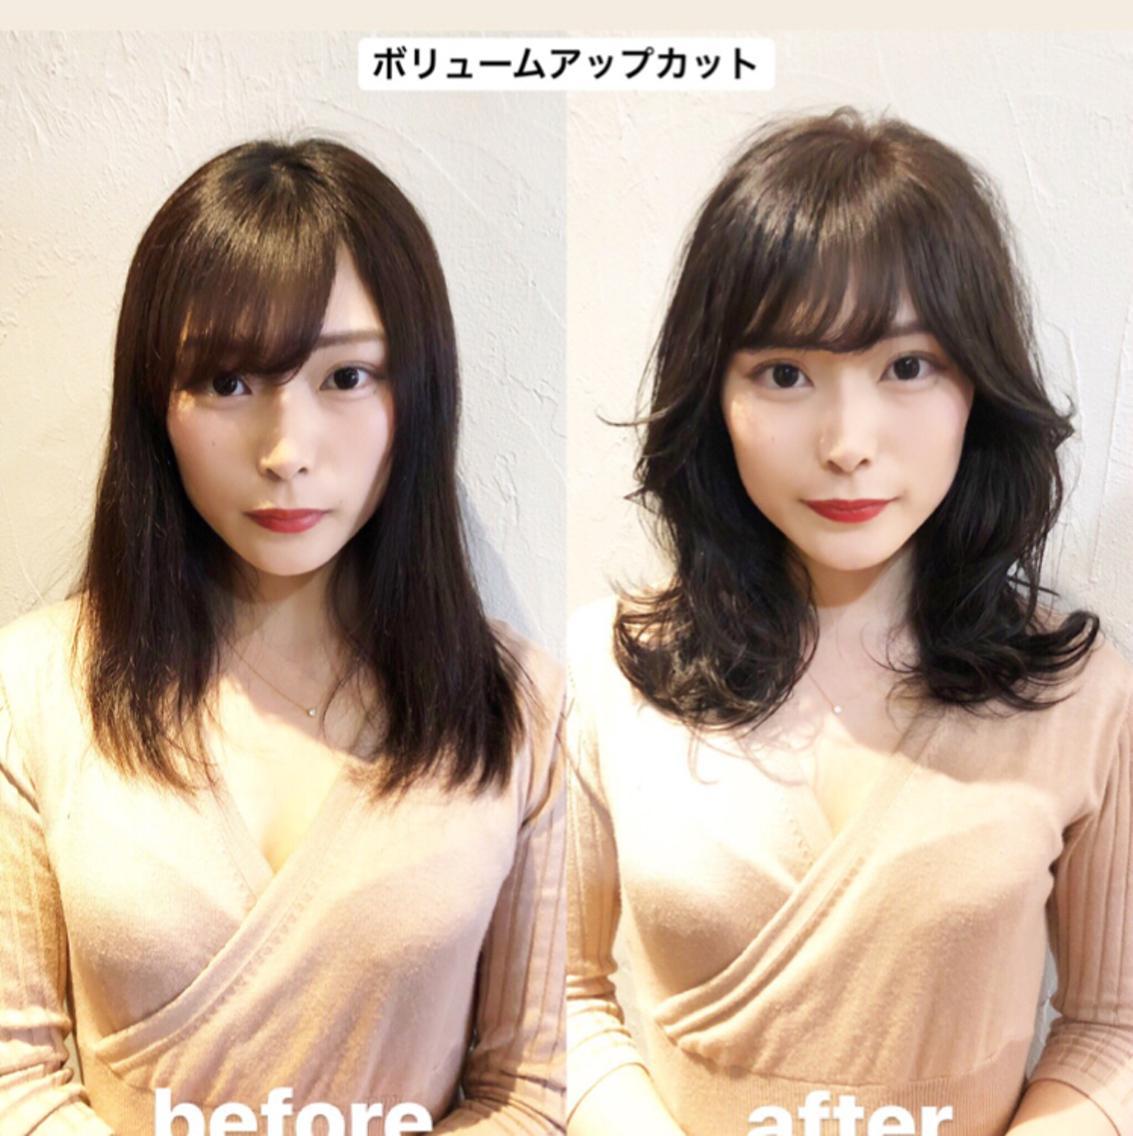 髪質改善メニューをミニモでも解禁します⭐️これは本当にすごいです。髪質改善カラーで髪の広がりにさよならしましょう❤️髪に艶があると心も潤う❤️